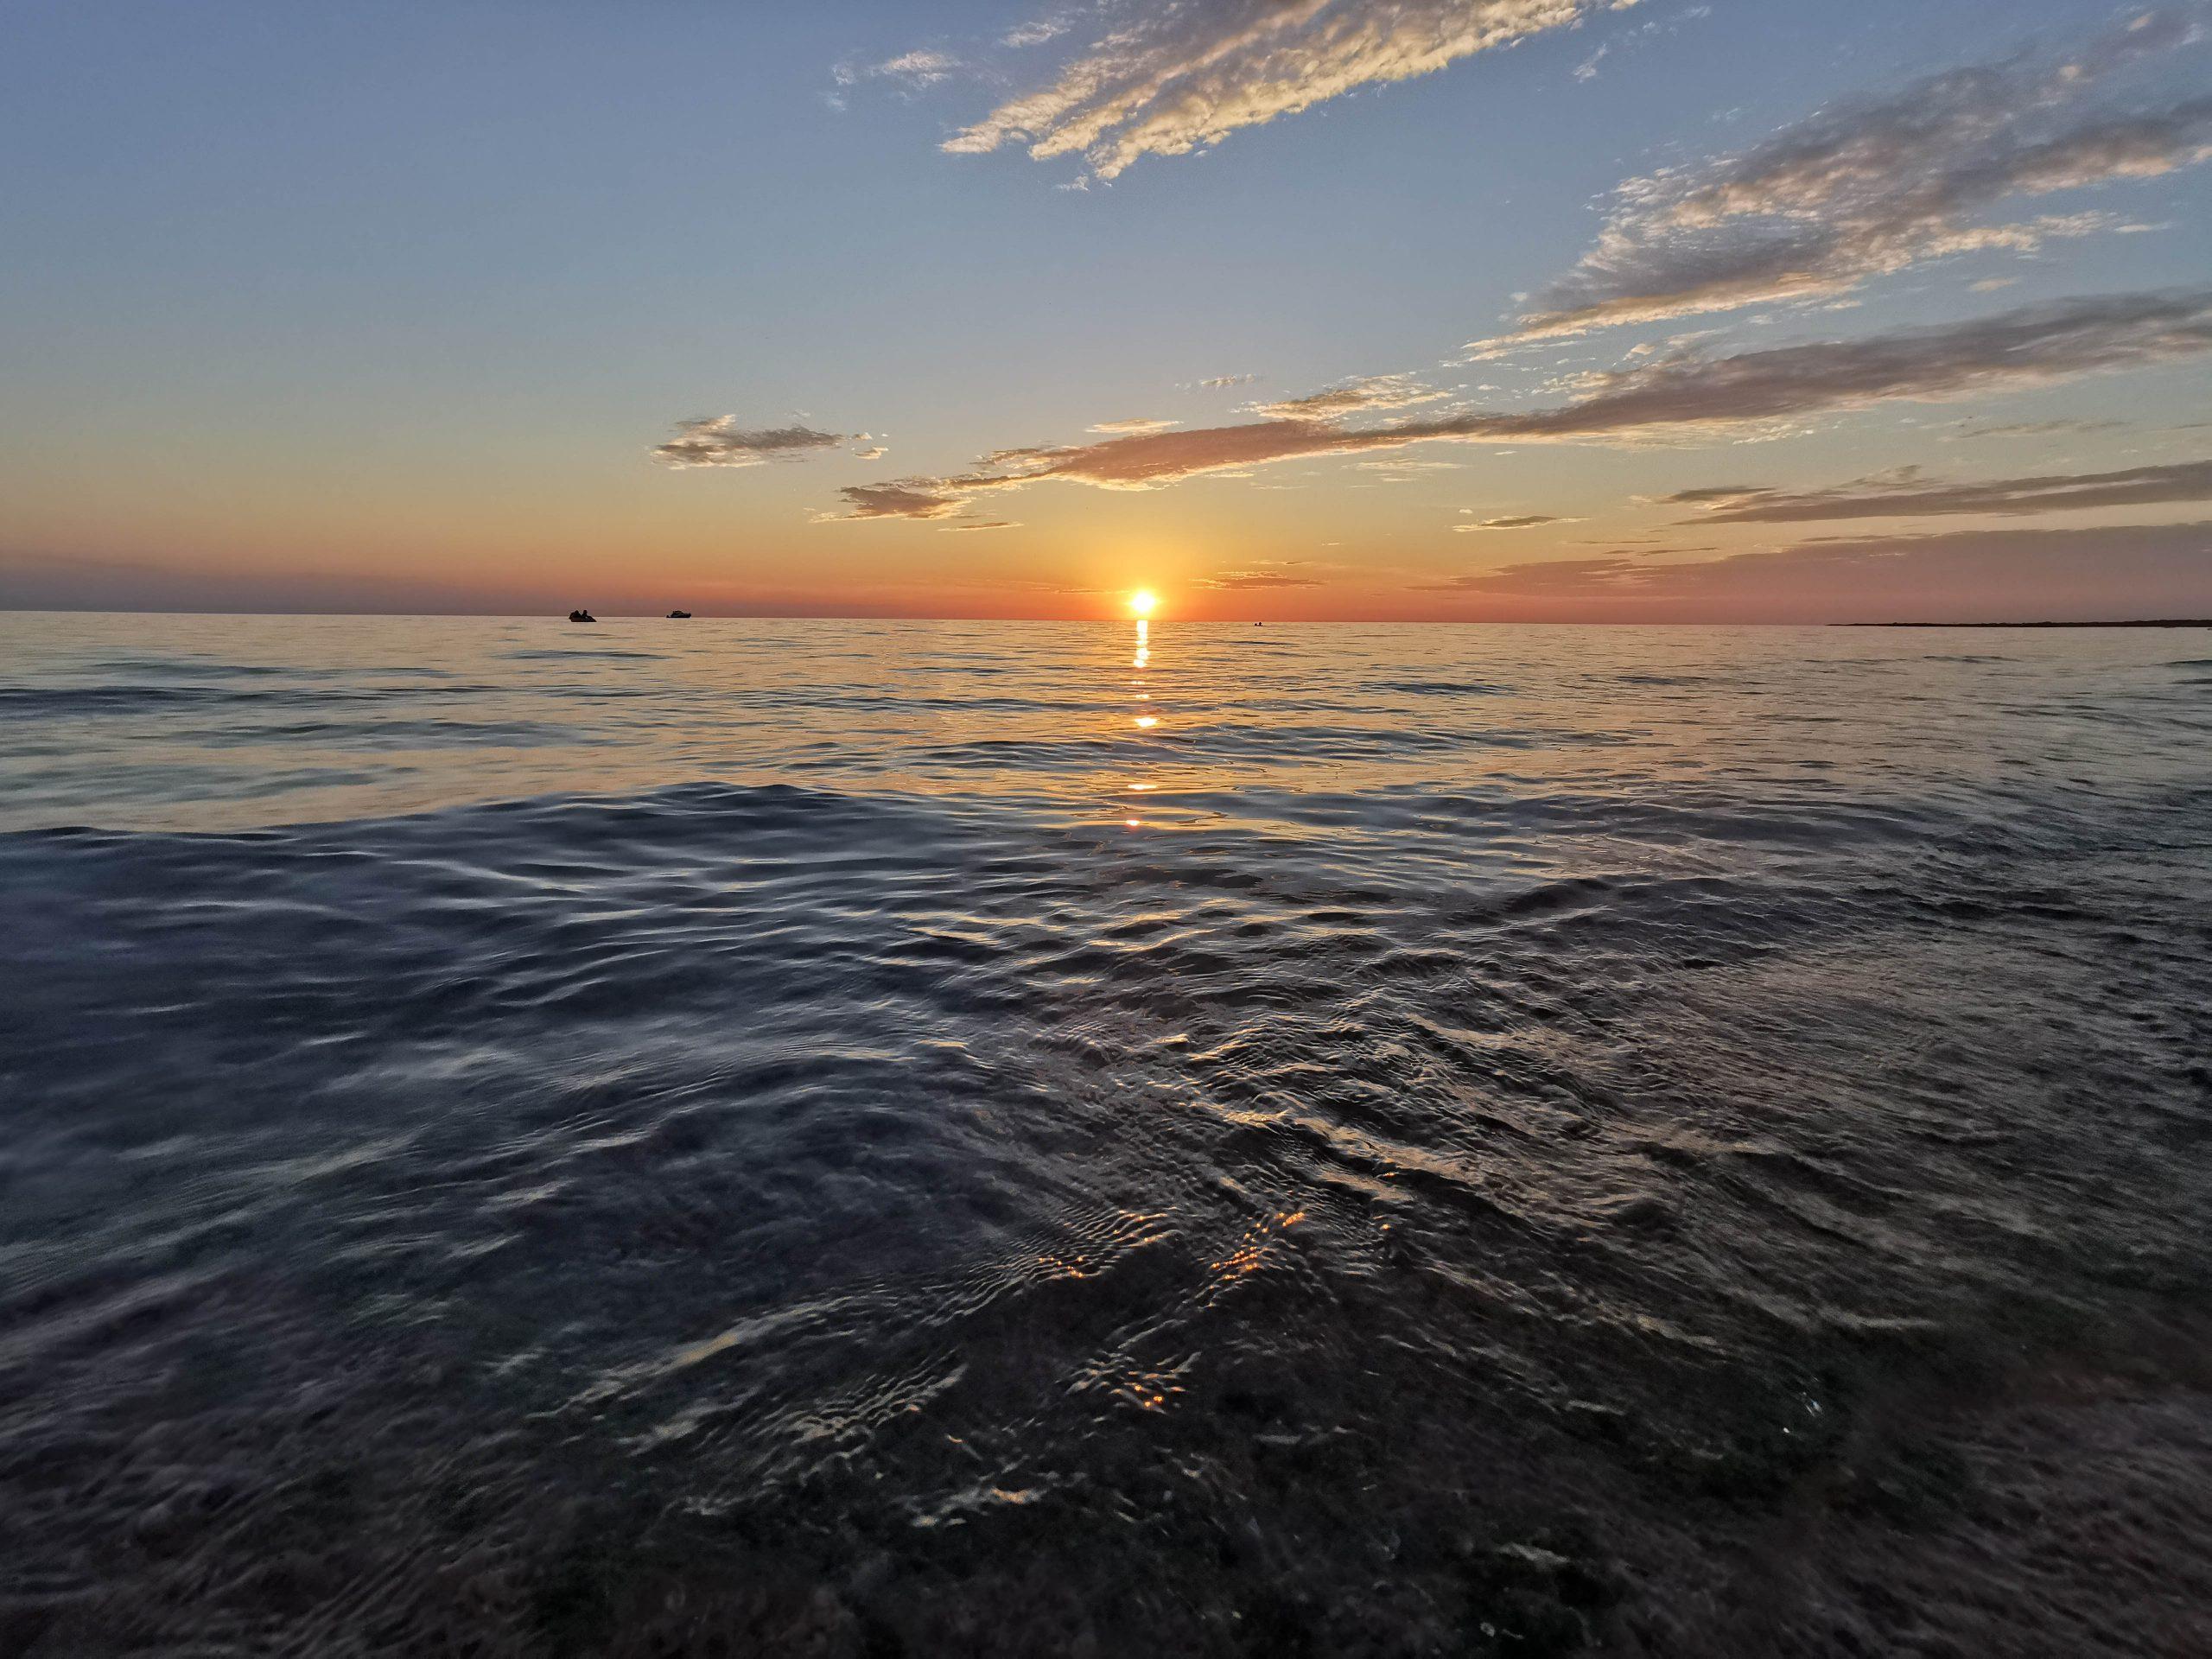 coucher de soleil sauble beach - péninsule de bruce